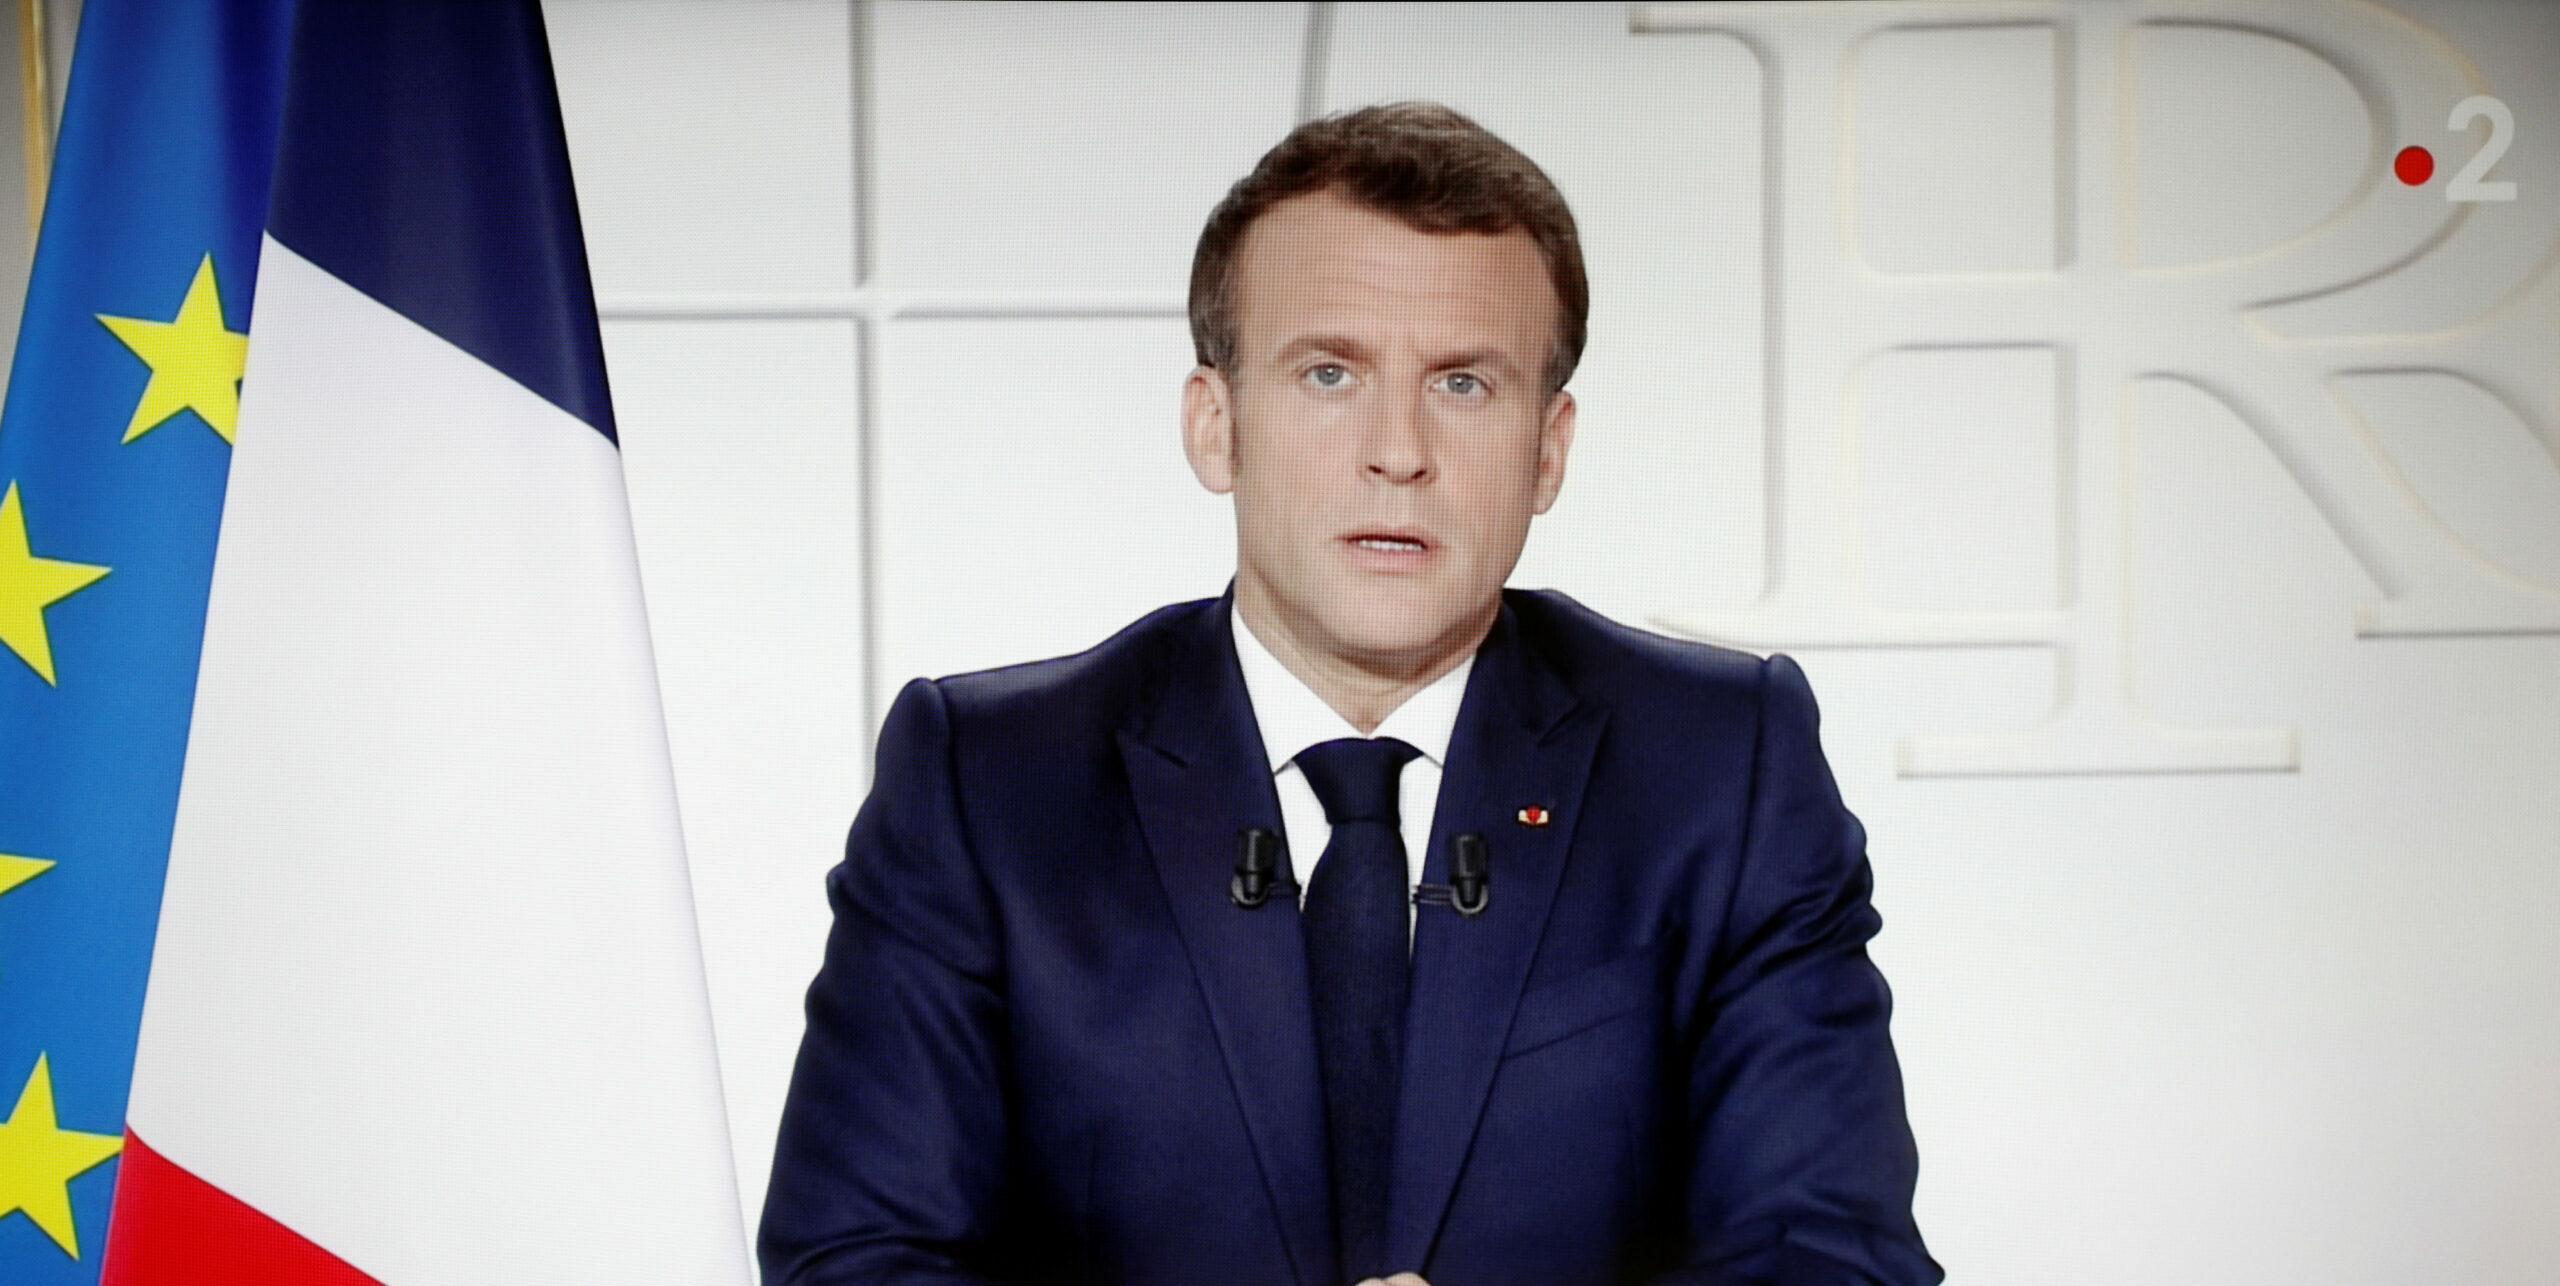 Macron, en la seva compareixença per anunciar noves restriccions contra la Covid, el 31 de març de 2021. ACN/ REUTERS/Stephane Mahe